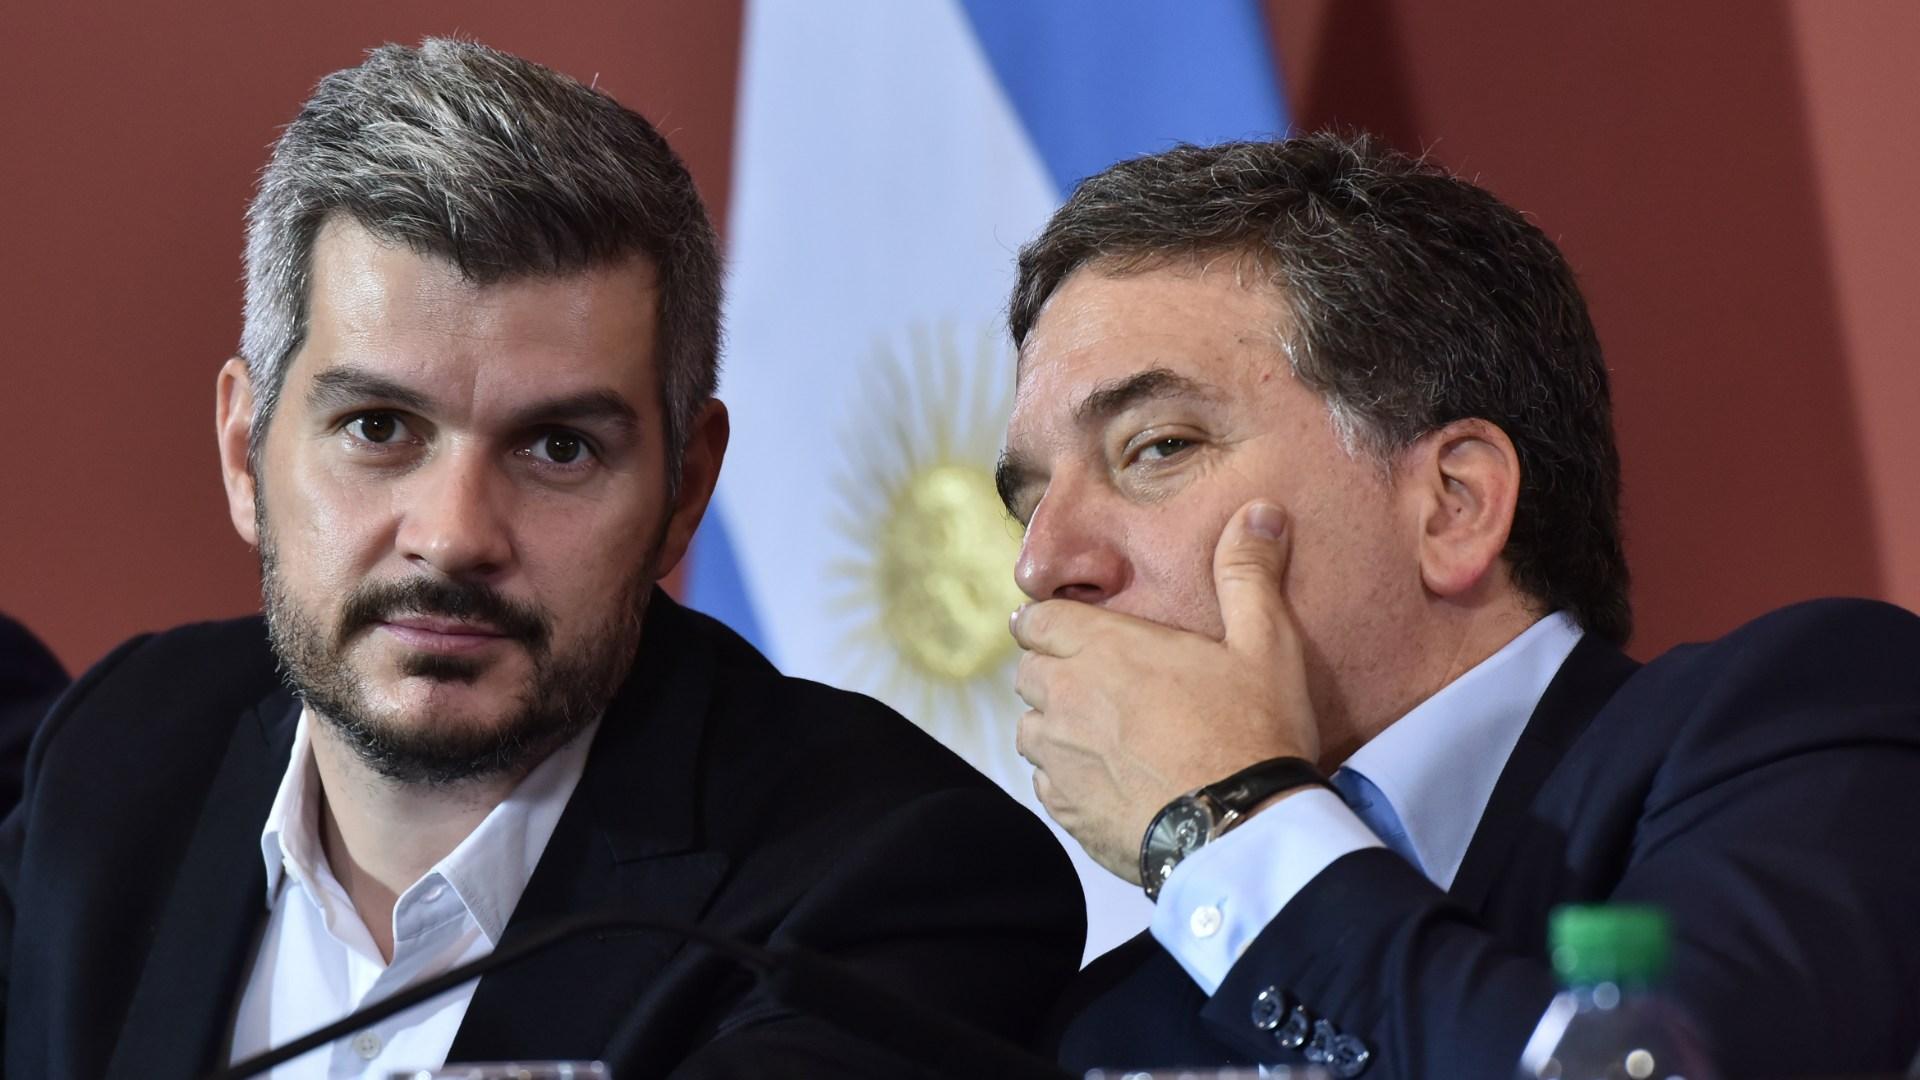 El Jefe de Gabinete de Ministros y el Ministro de Hacienda difundieron el desagregado del plan de gastos para el corriente año, aunque pueden disponer modificaciones (Adrián Escandar)